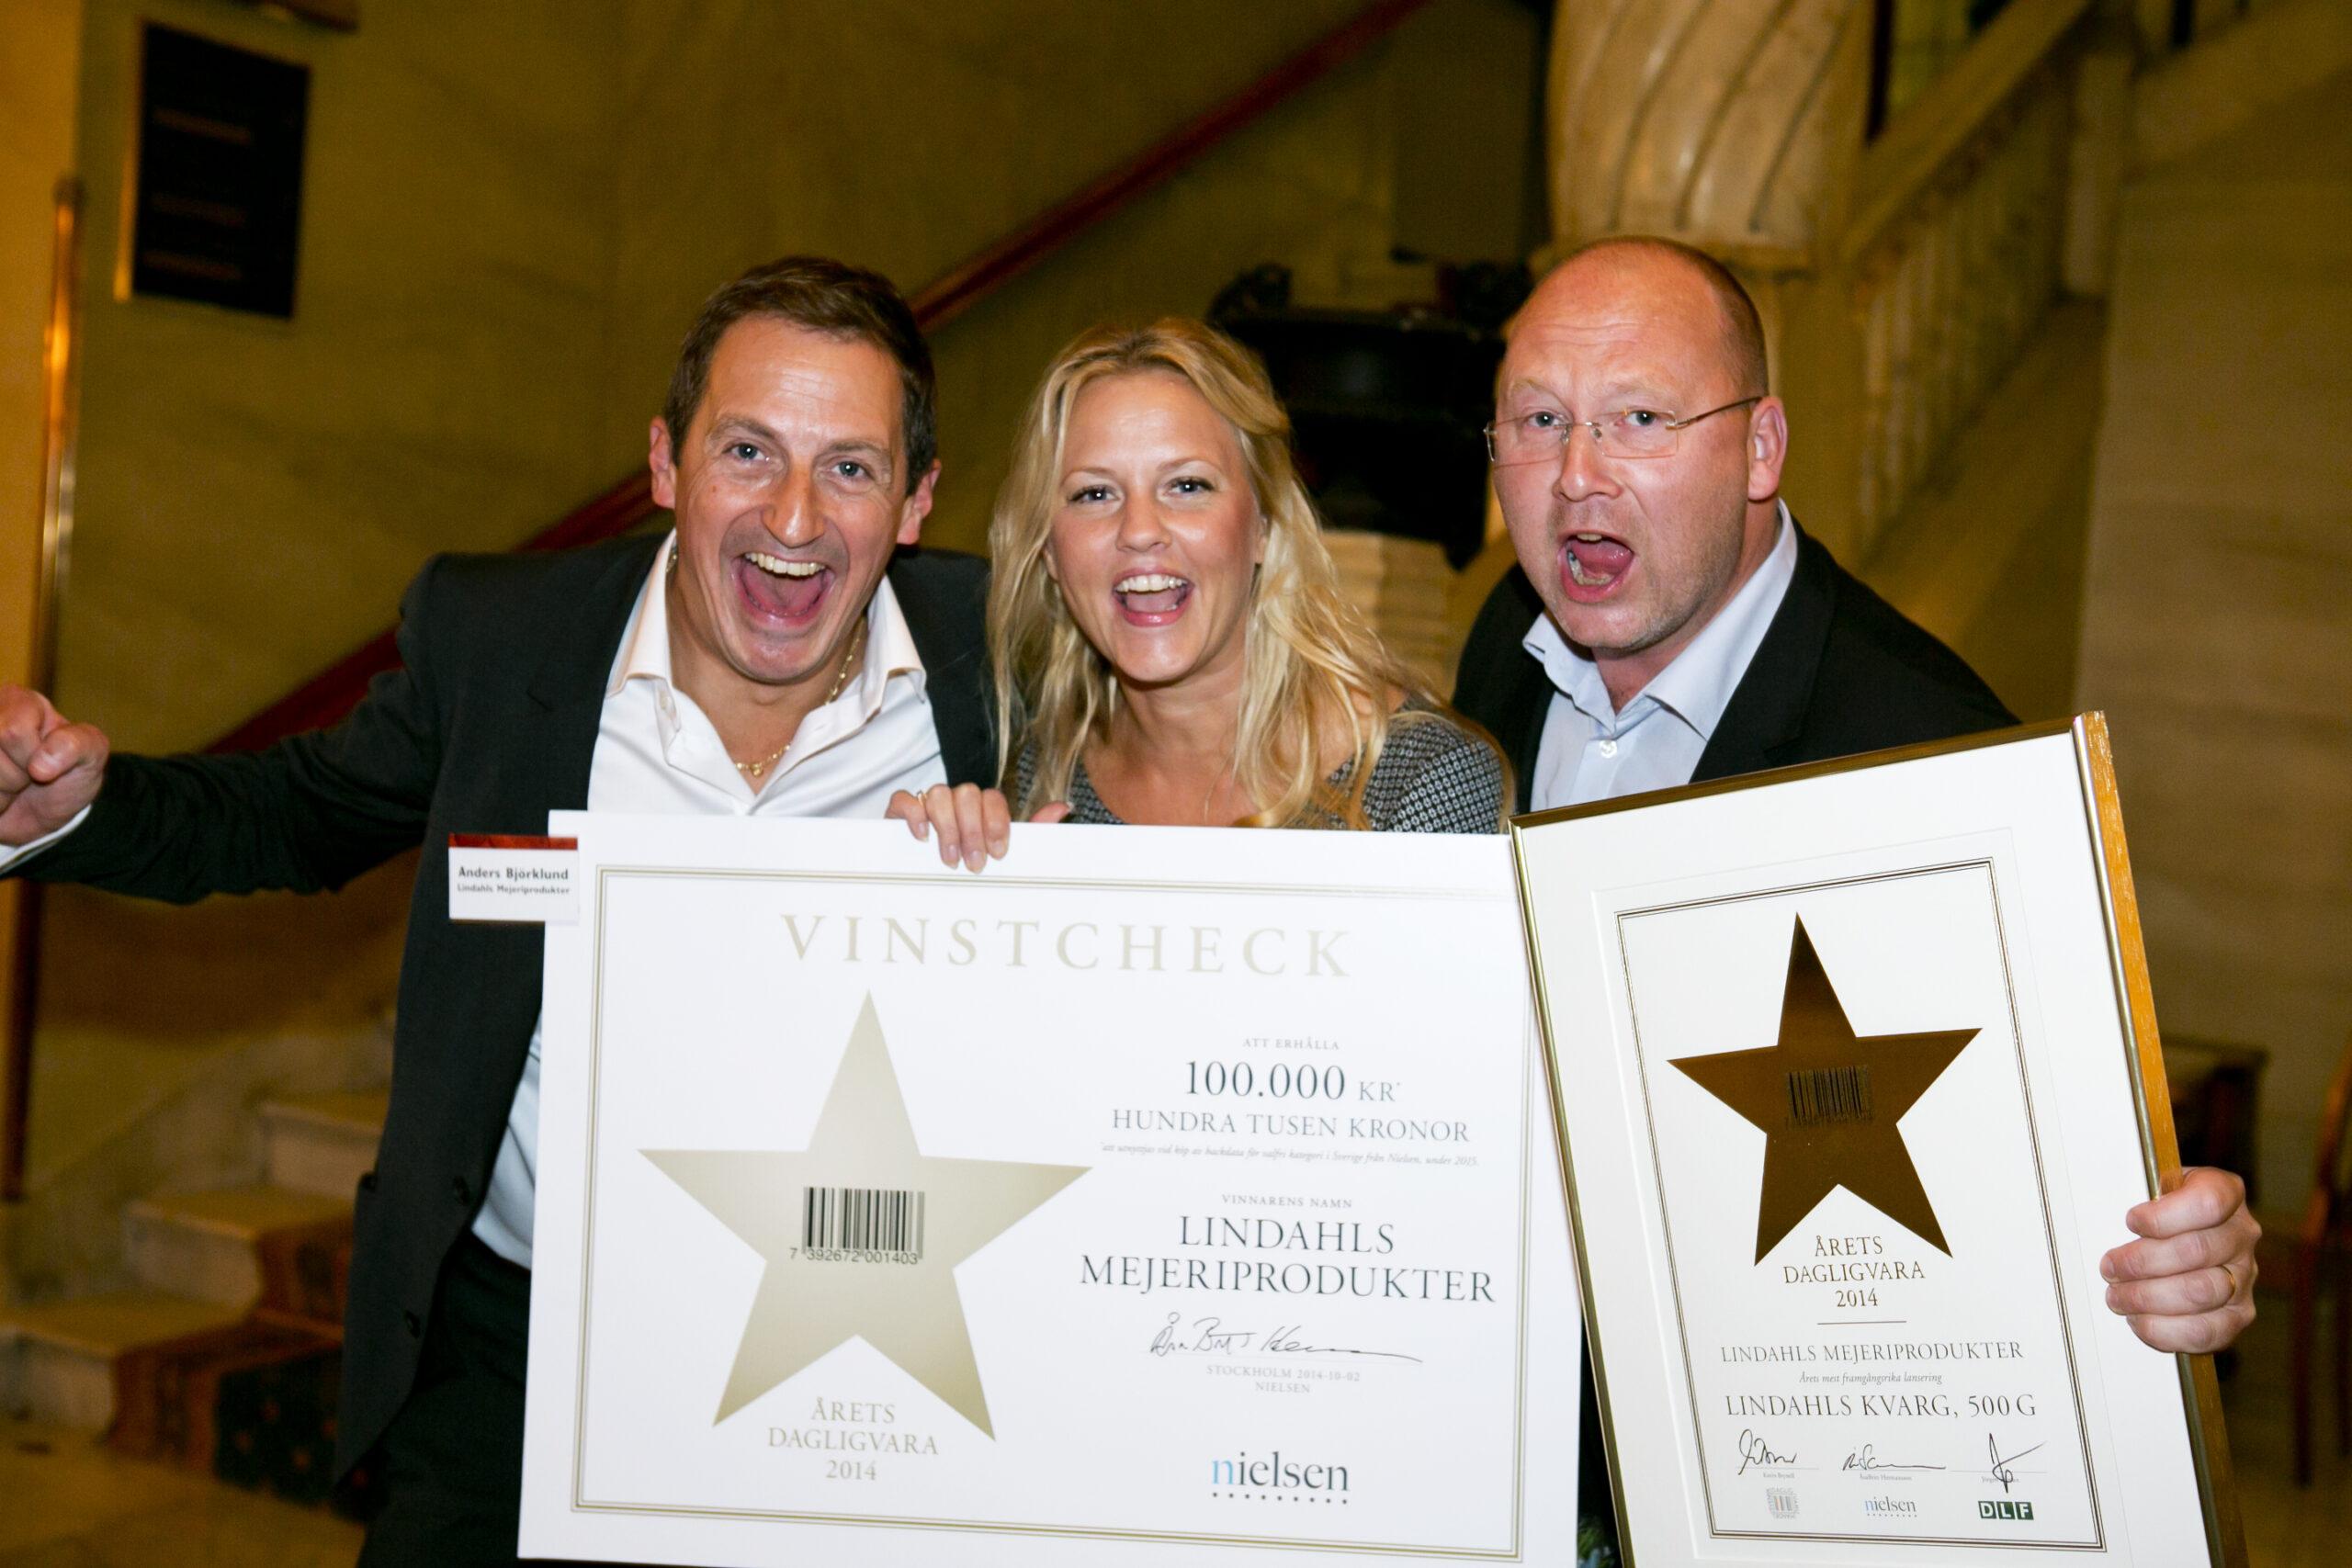 Vinnare Årets Dagligvara 2014 - Lindahls mejeriprodukter